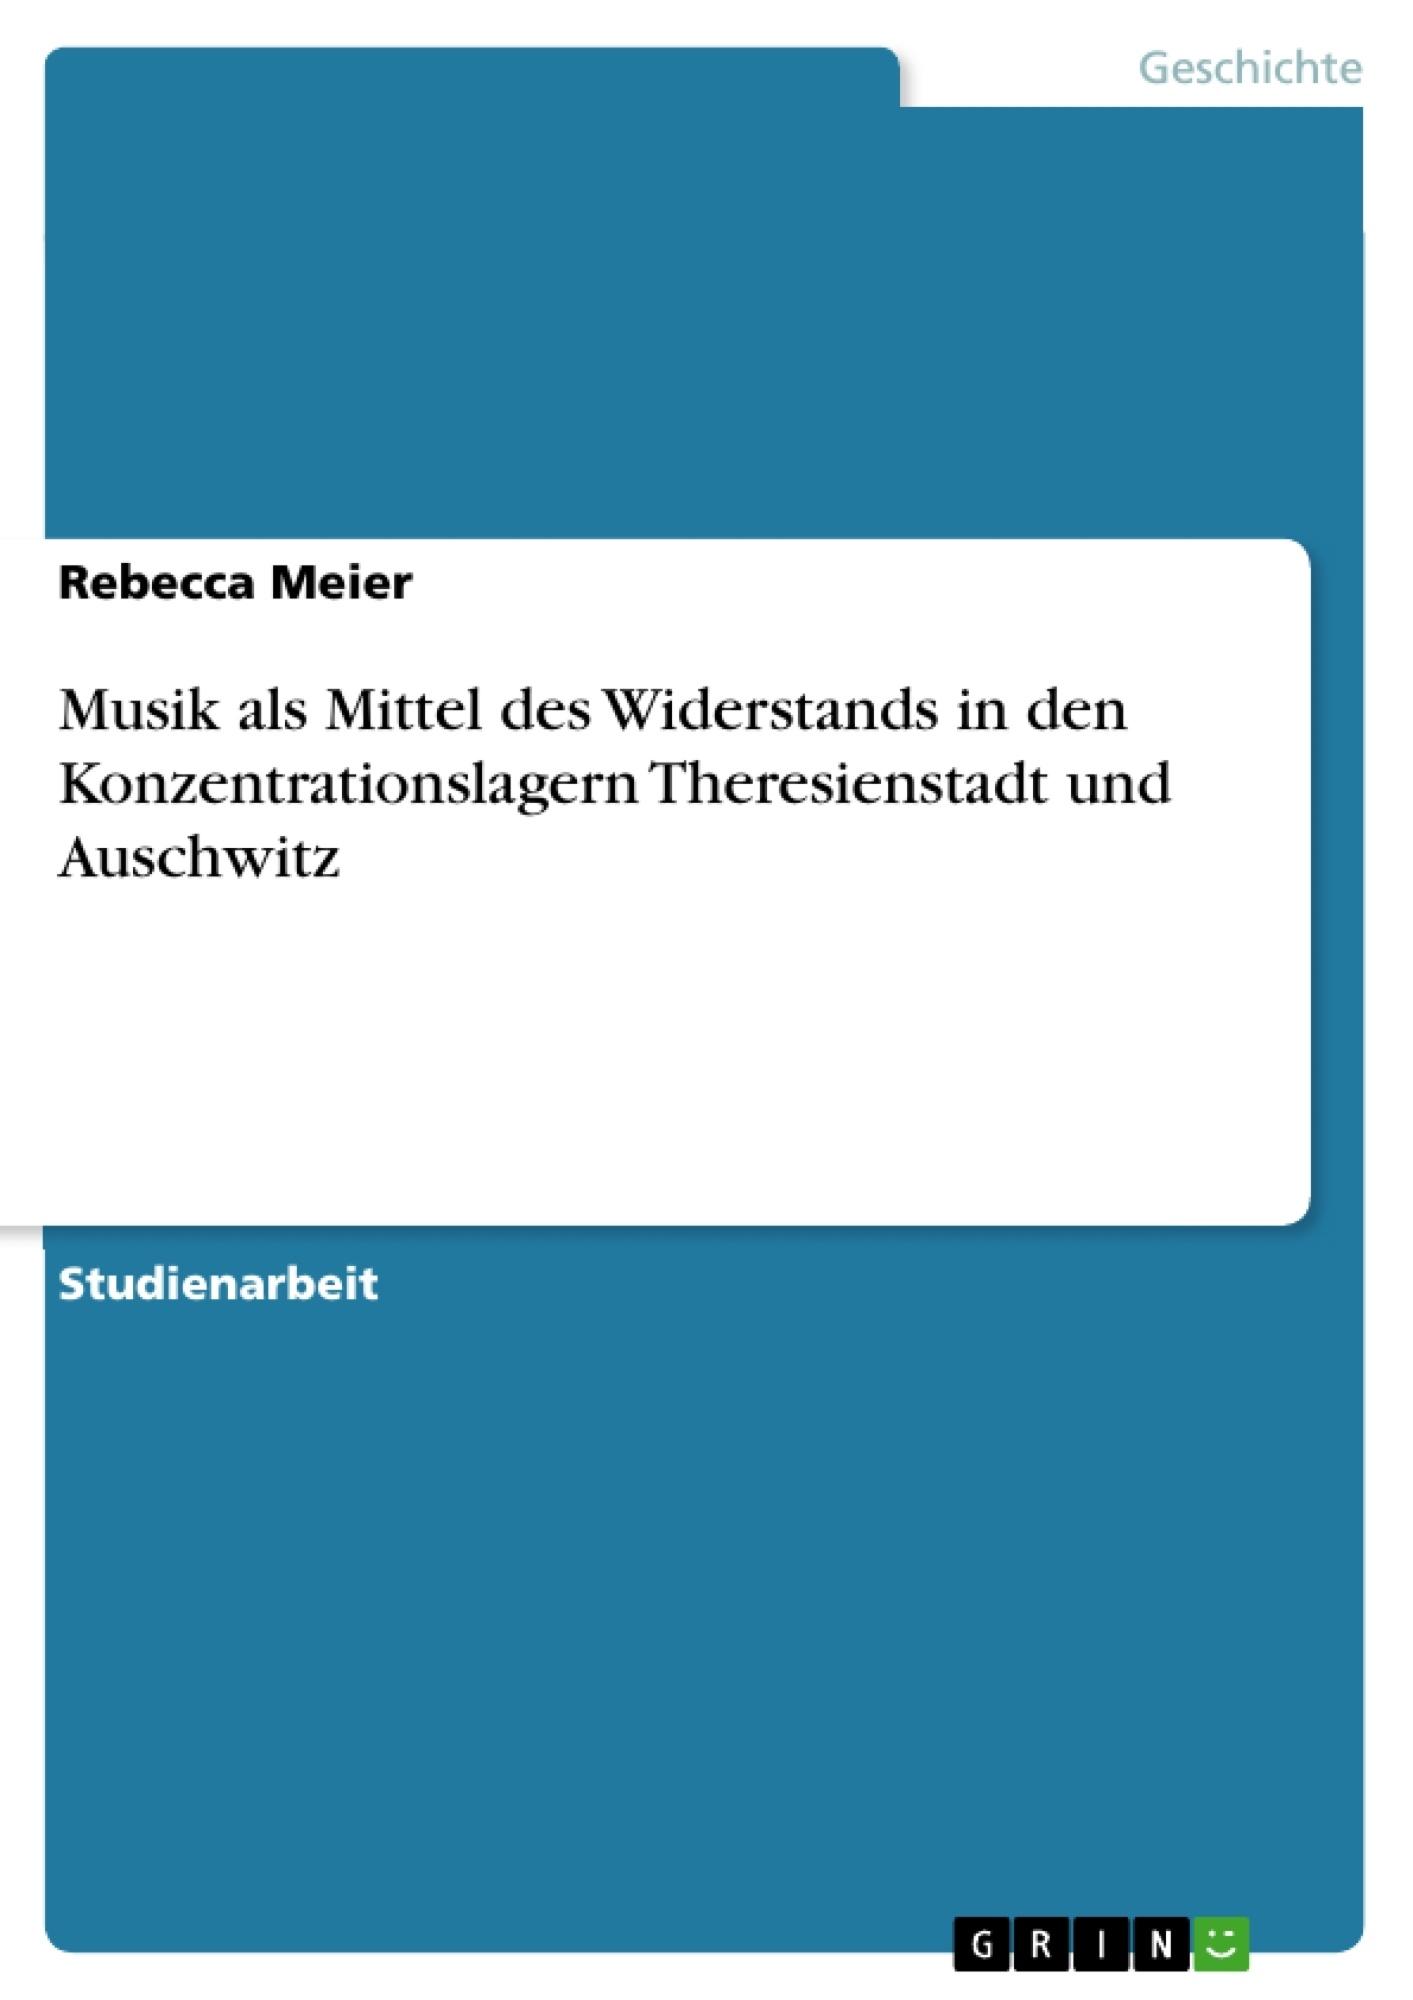 Titel: Musik als Mittel des Widerstands in den Konzentrationslagern Theresienstadt und Auschwitz